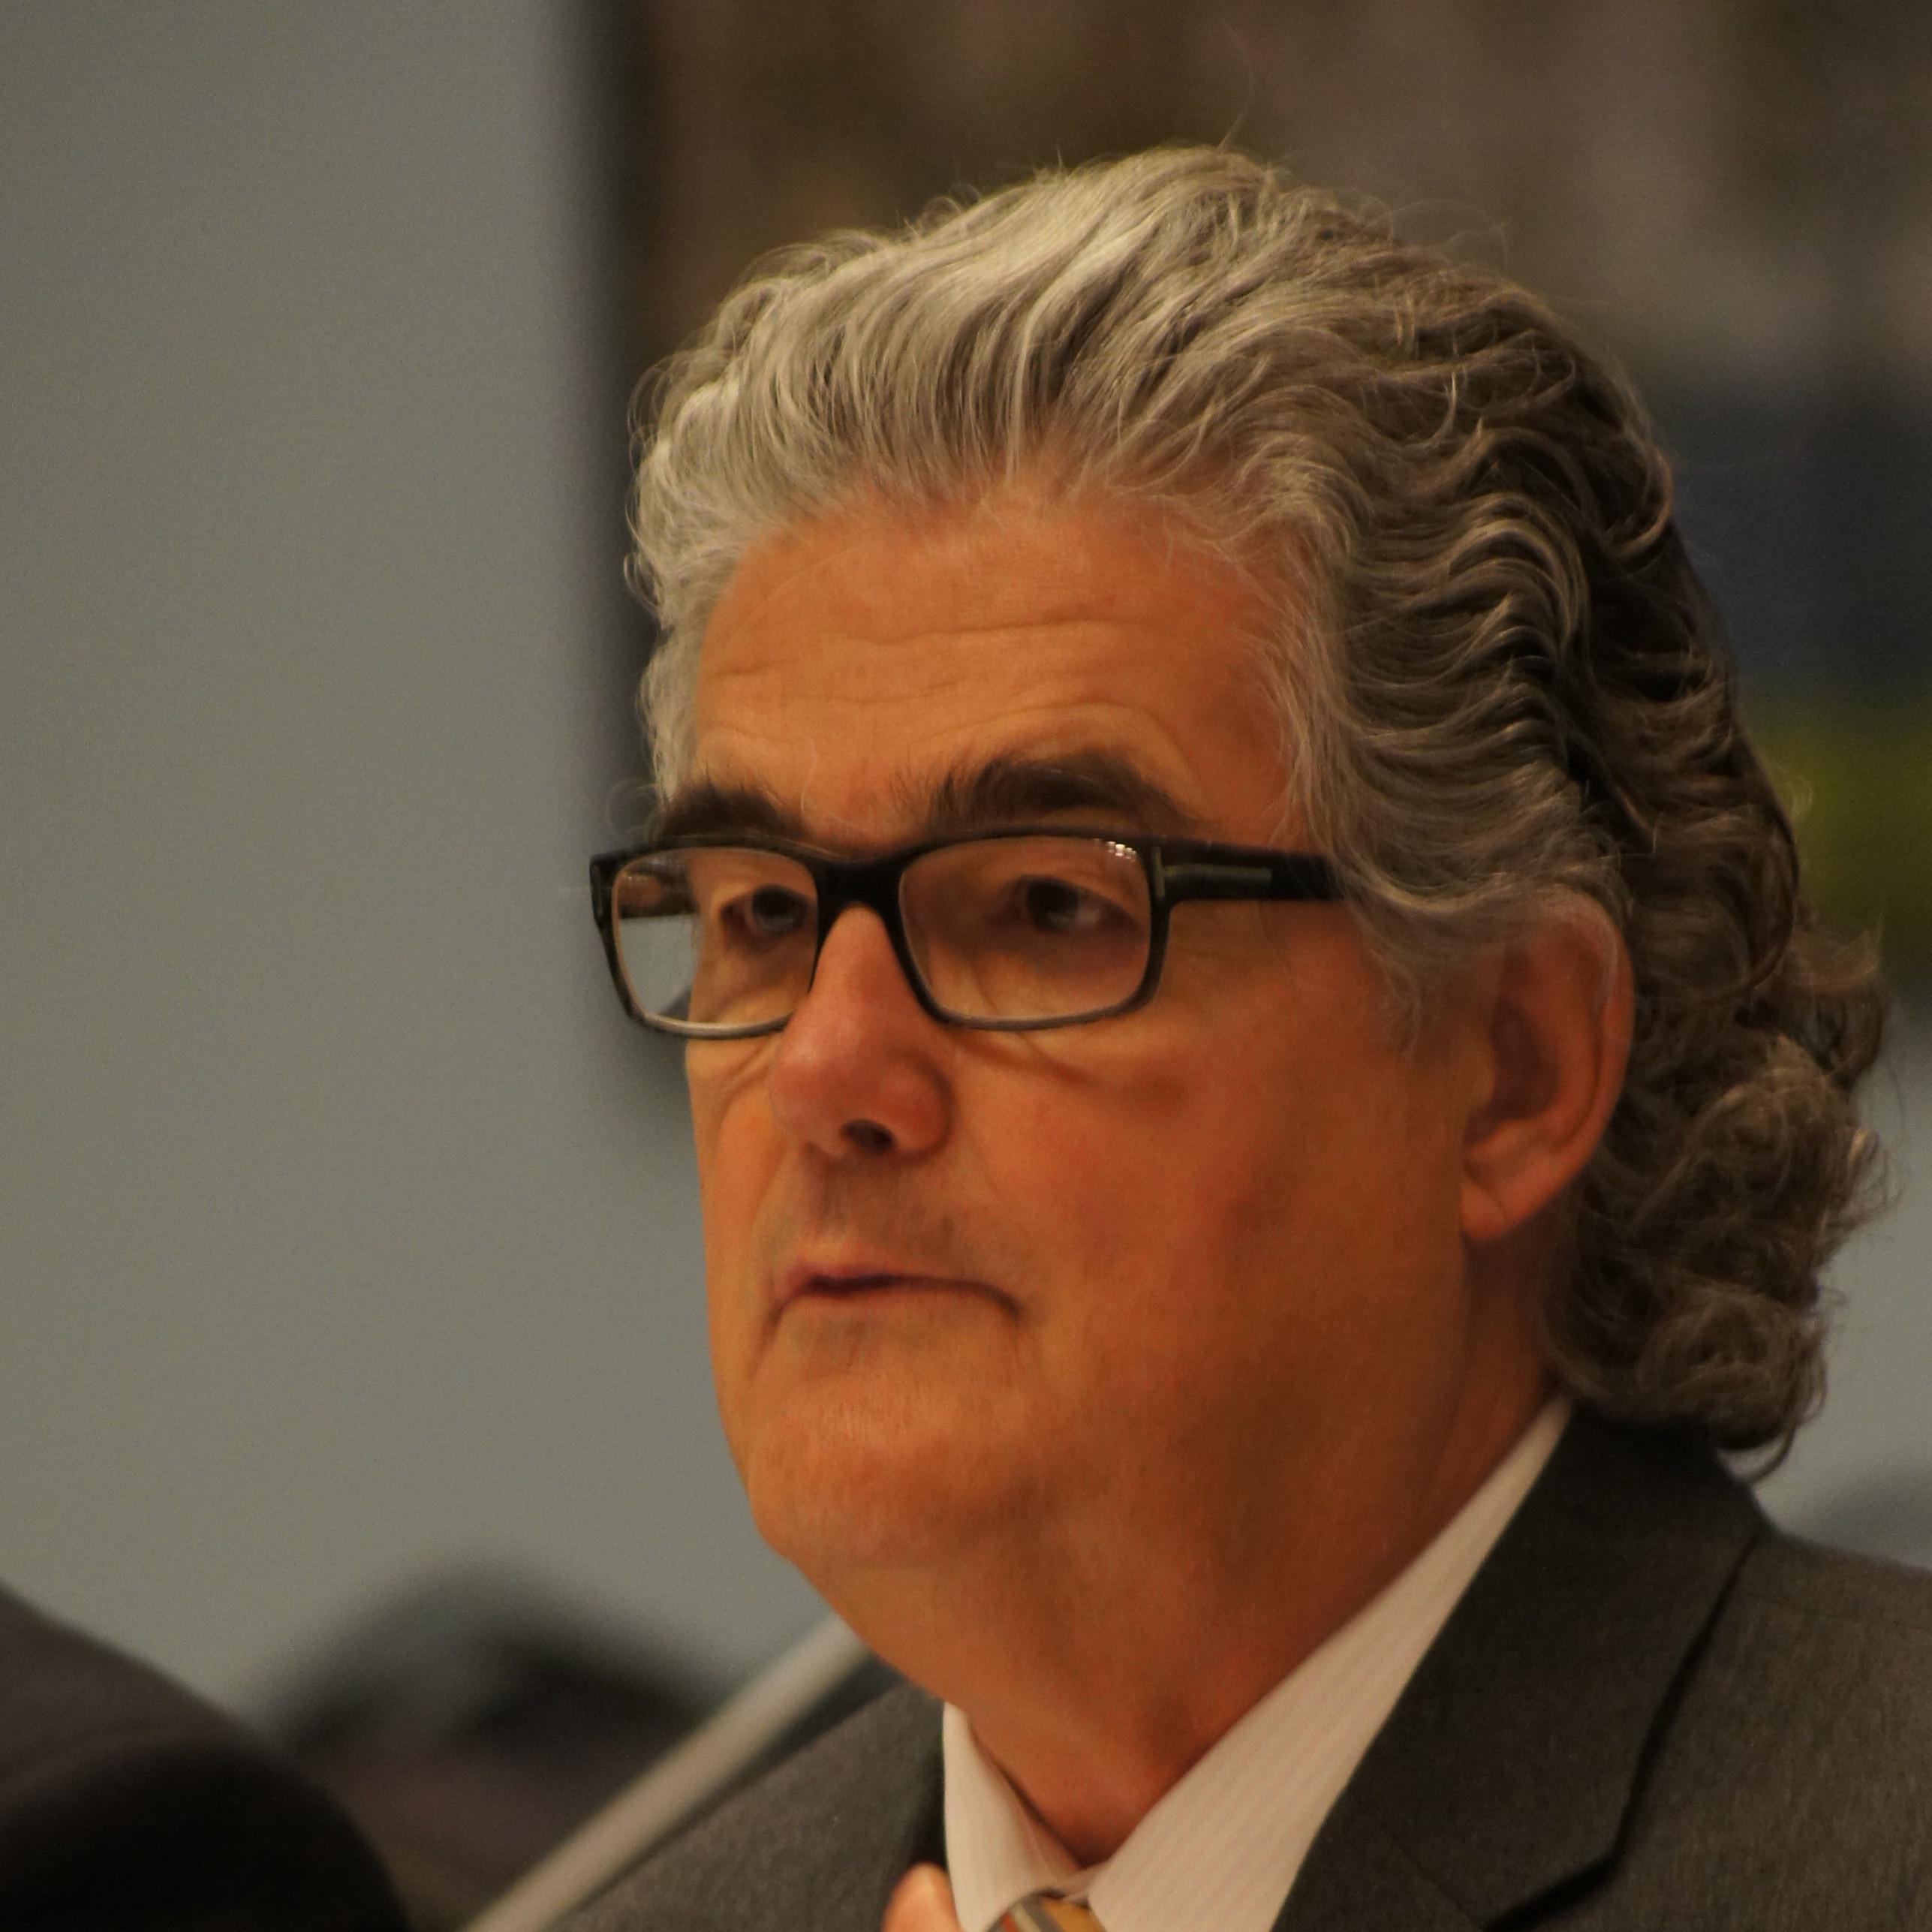 Raynald Brière